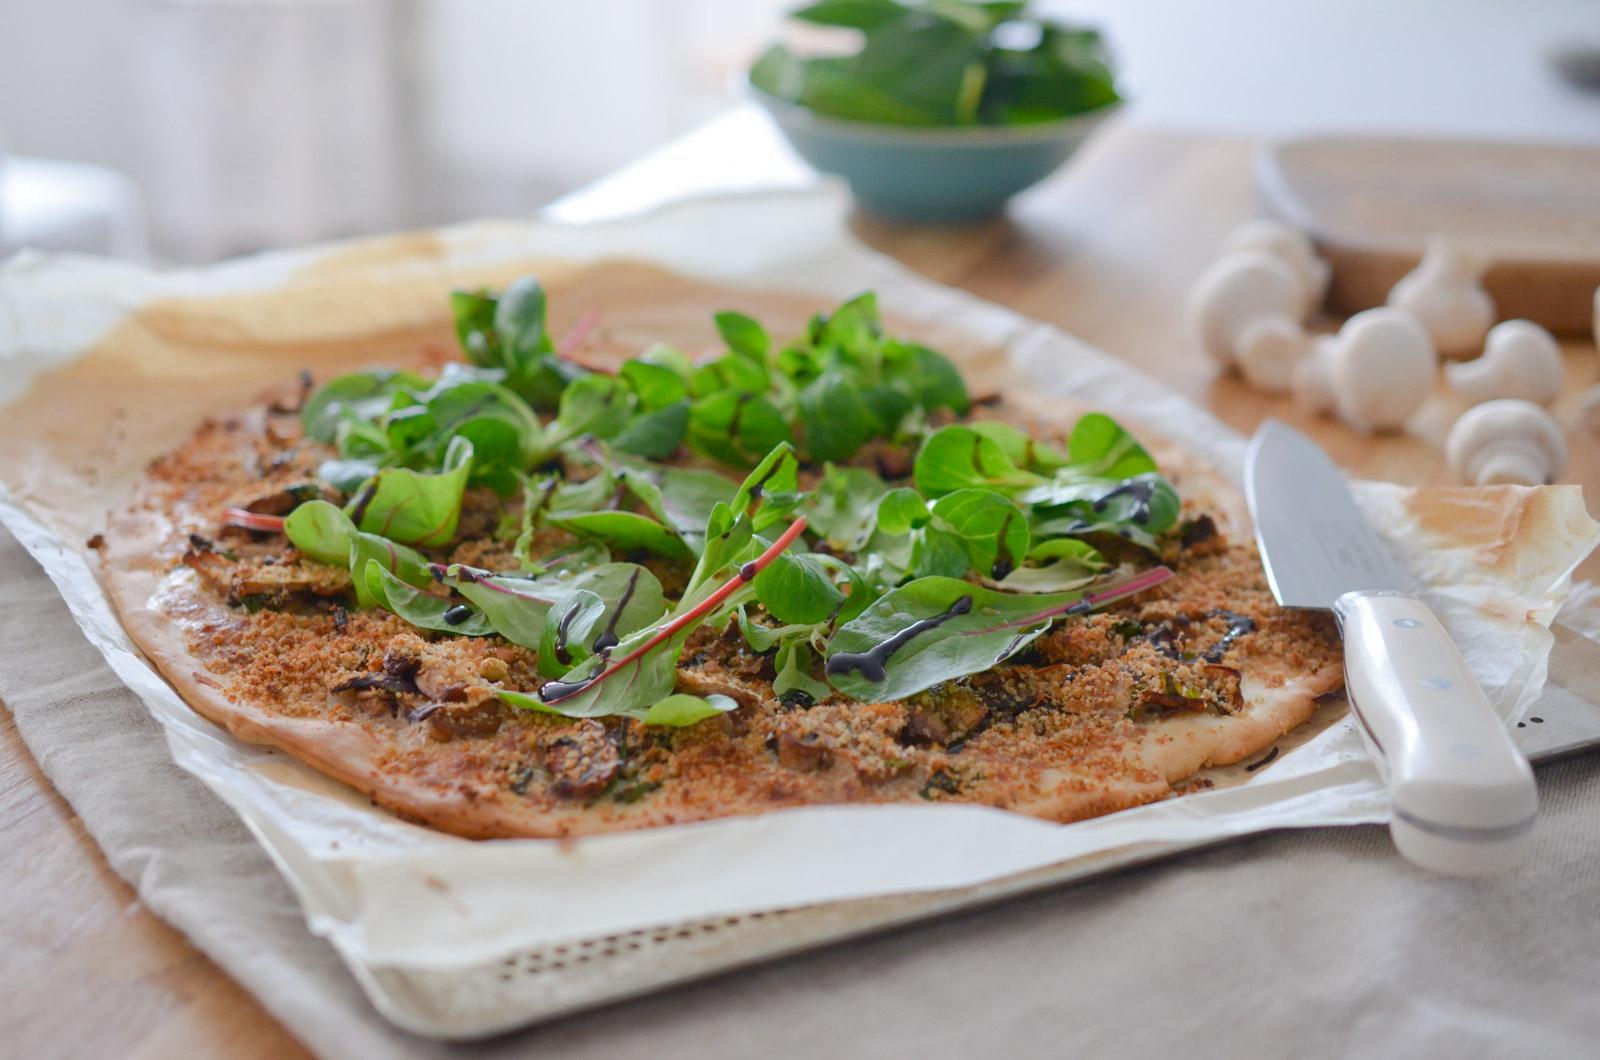 Pizza blanche vegan aux champignons